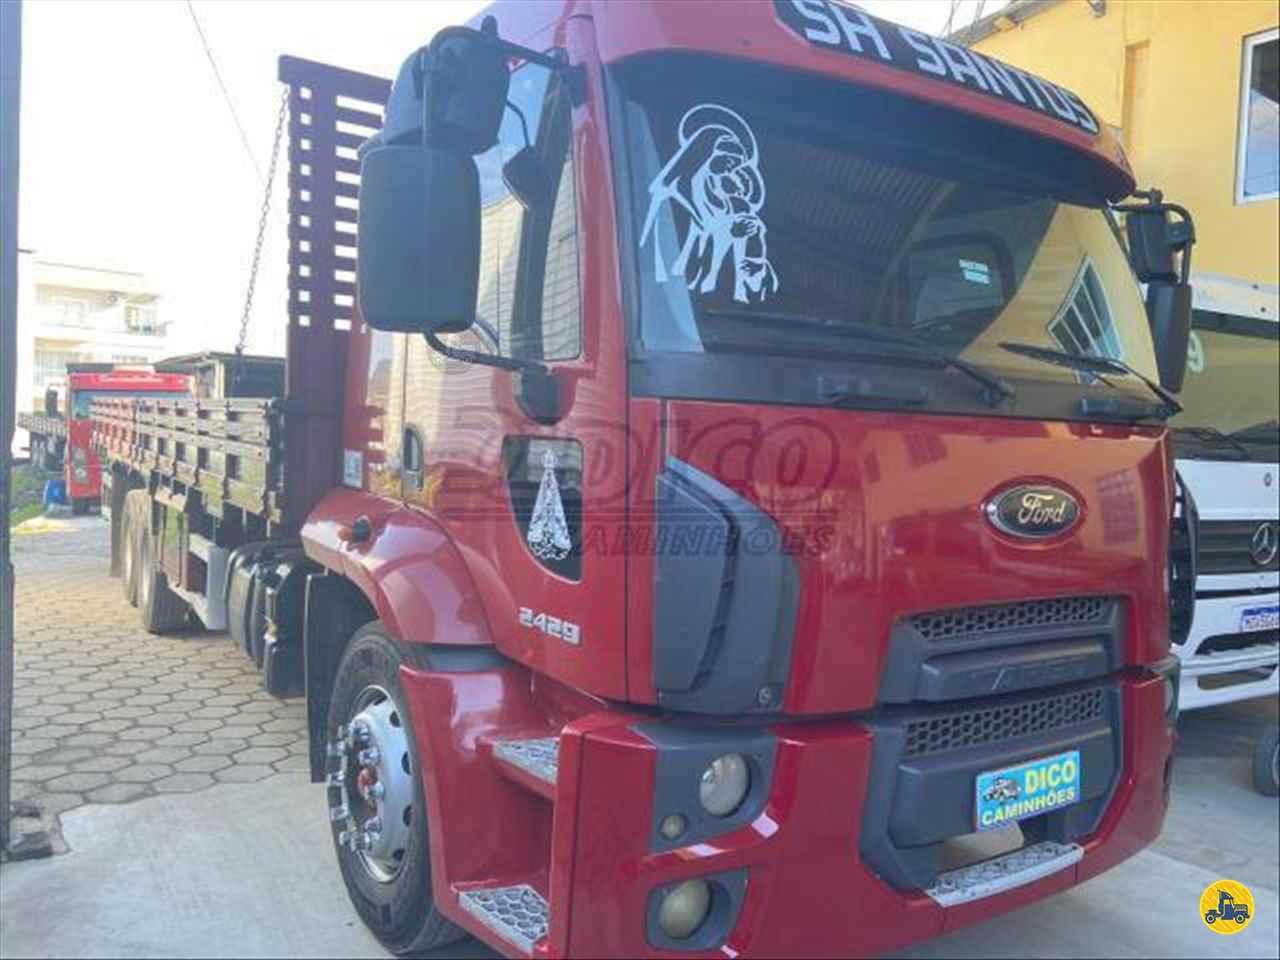 CAMINHAO FORD CARGO 2429 Carga Seca Truck 6x2 Dico Caminhões RIO DO SUL SANTA CATARINA SC